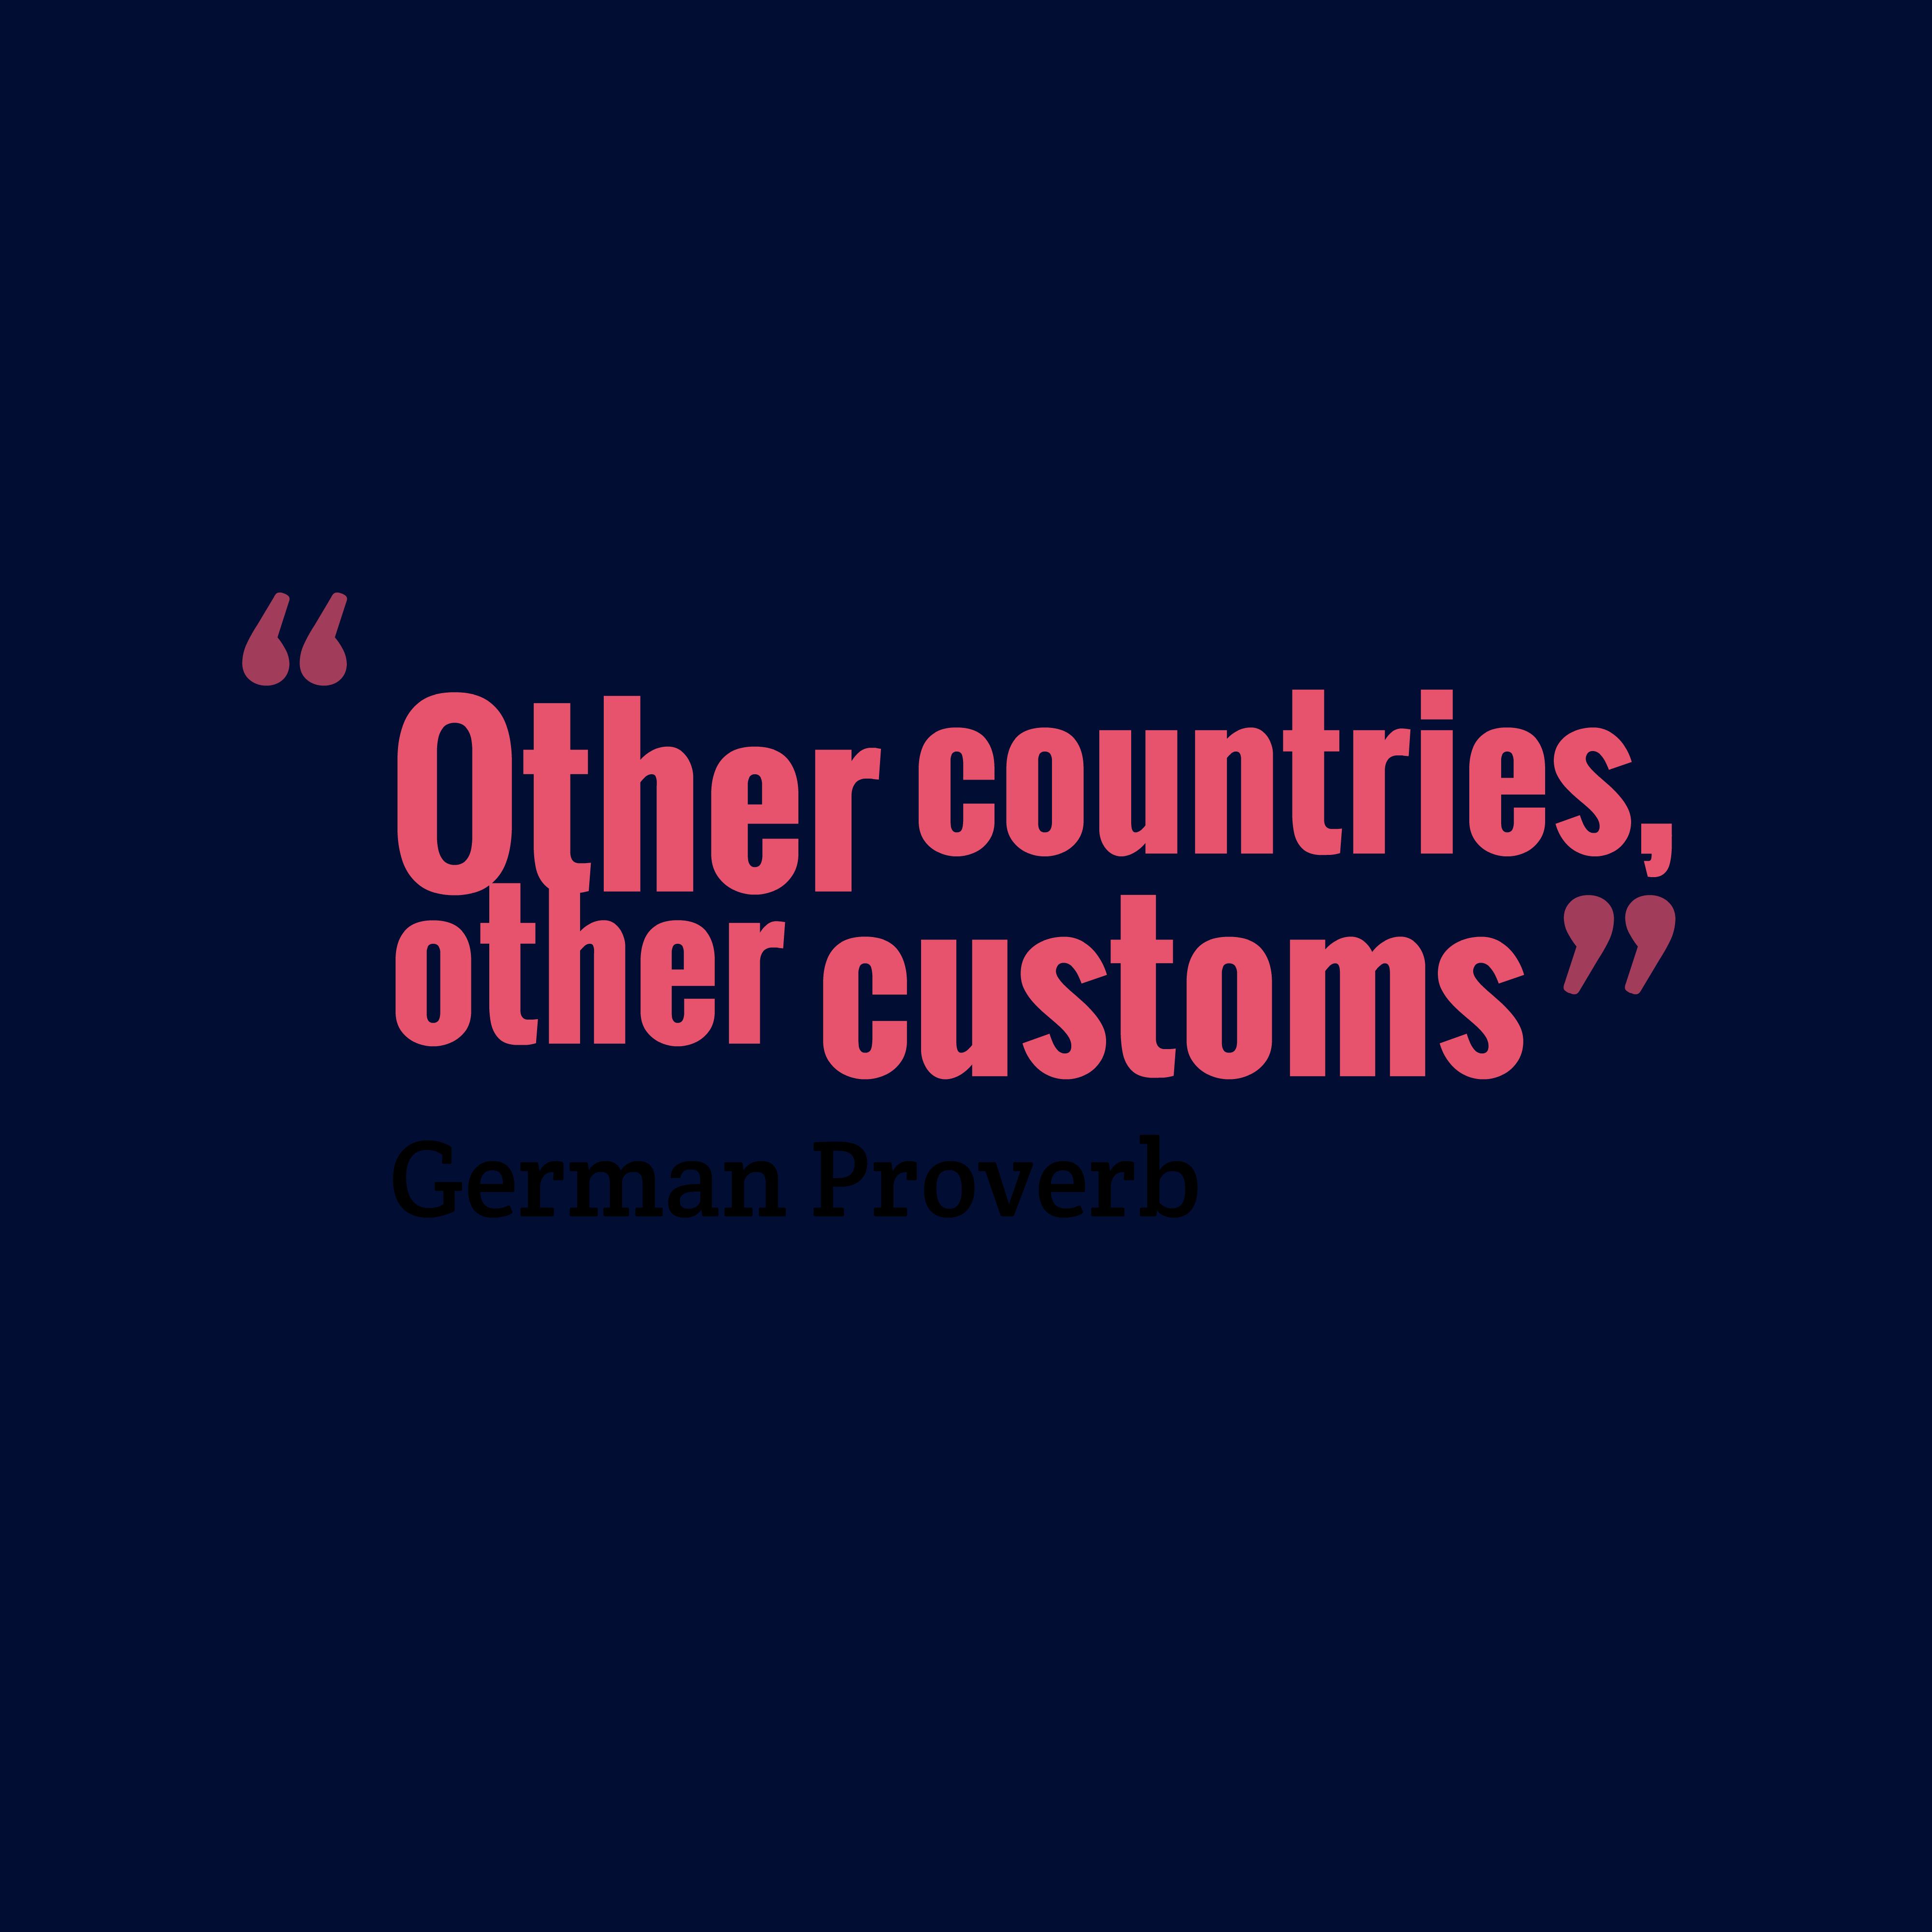 Proverbial Deutsch